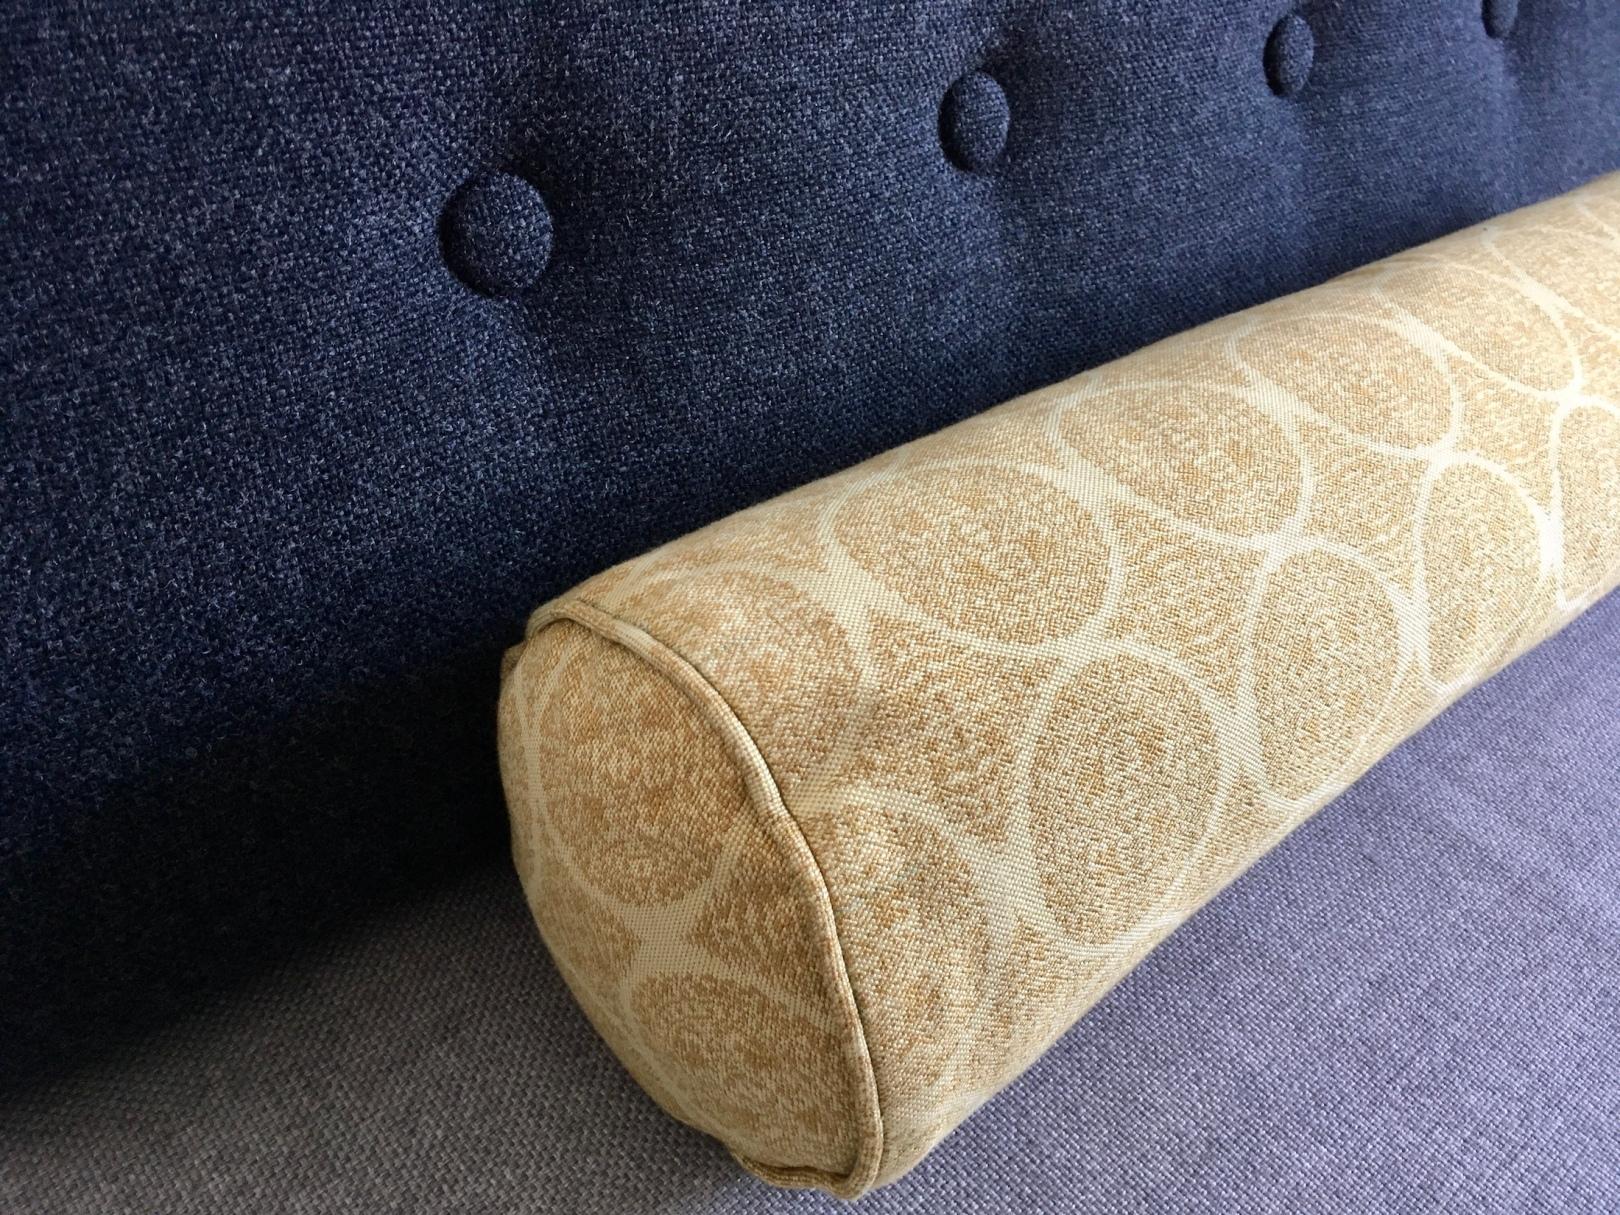 ボーエ・モーエンセン化した無印良品のソファベッドと龍村美術織物の布のカバーをつけた円柱型クッション